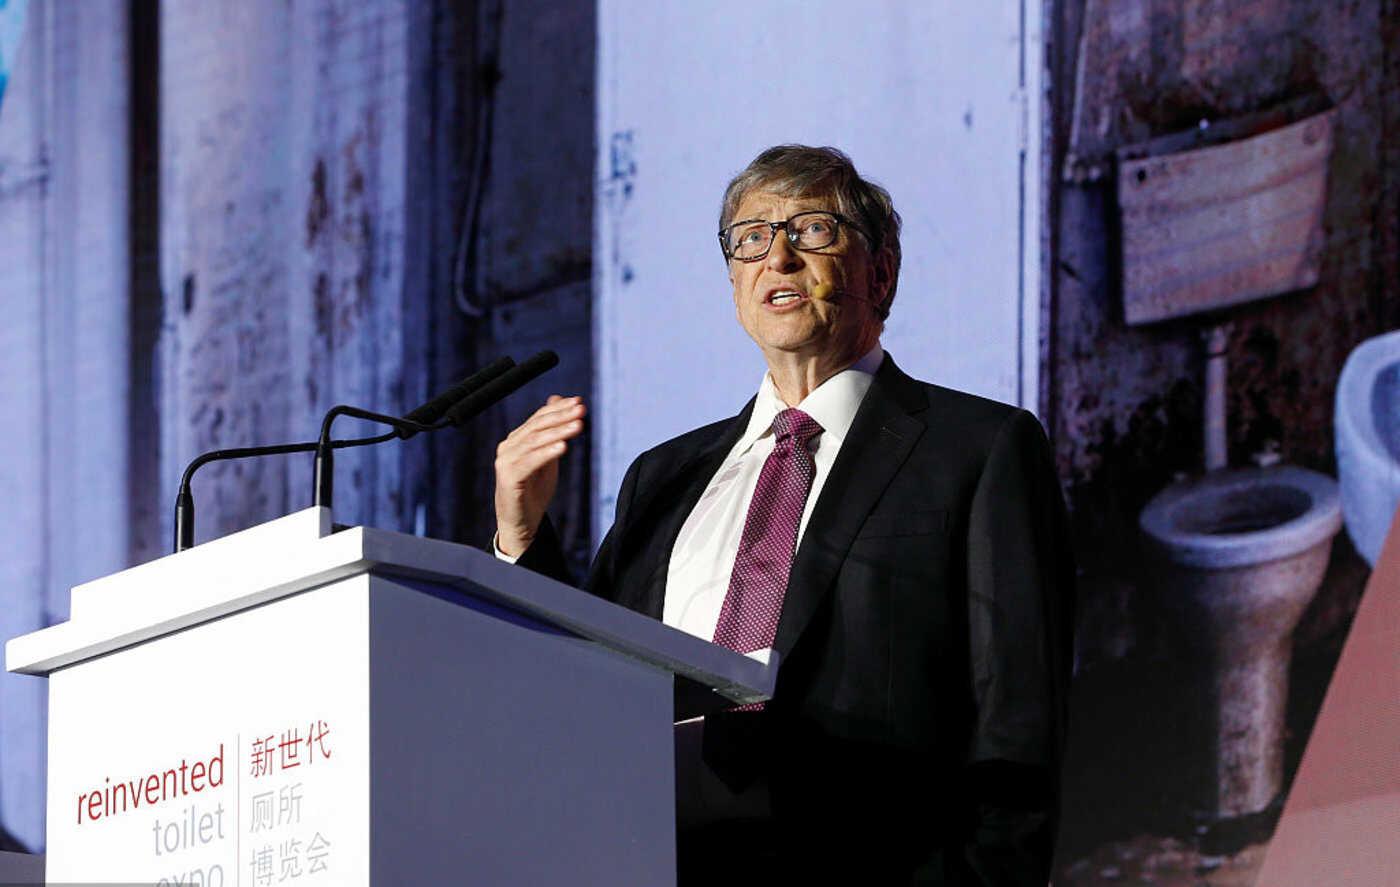 比尔·盖茨:新冠肺炎可能成为百年不遇的大流行病,应帮助中低收入国家丨钛快讯